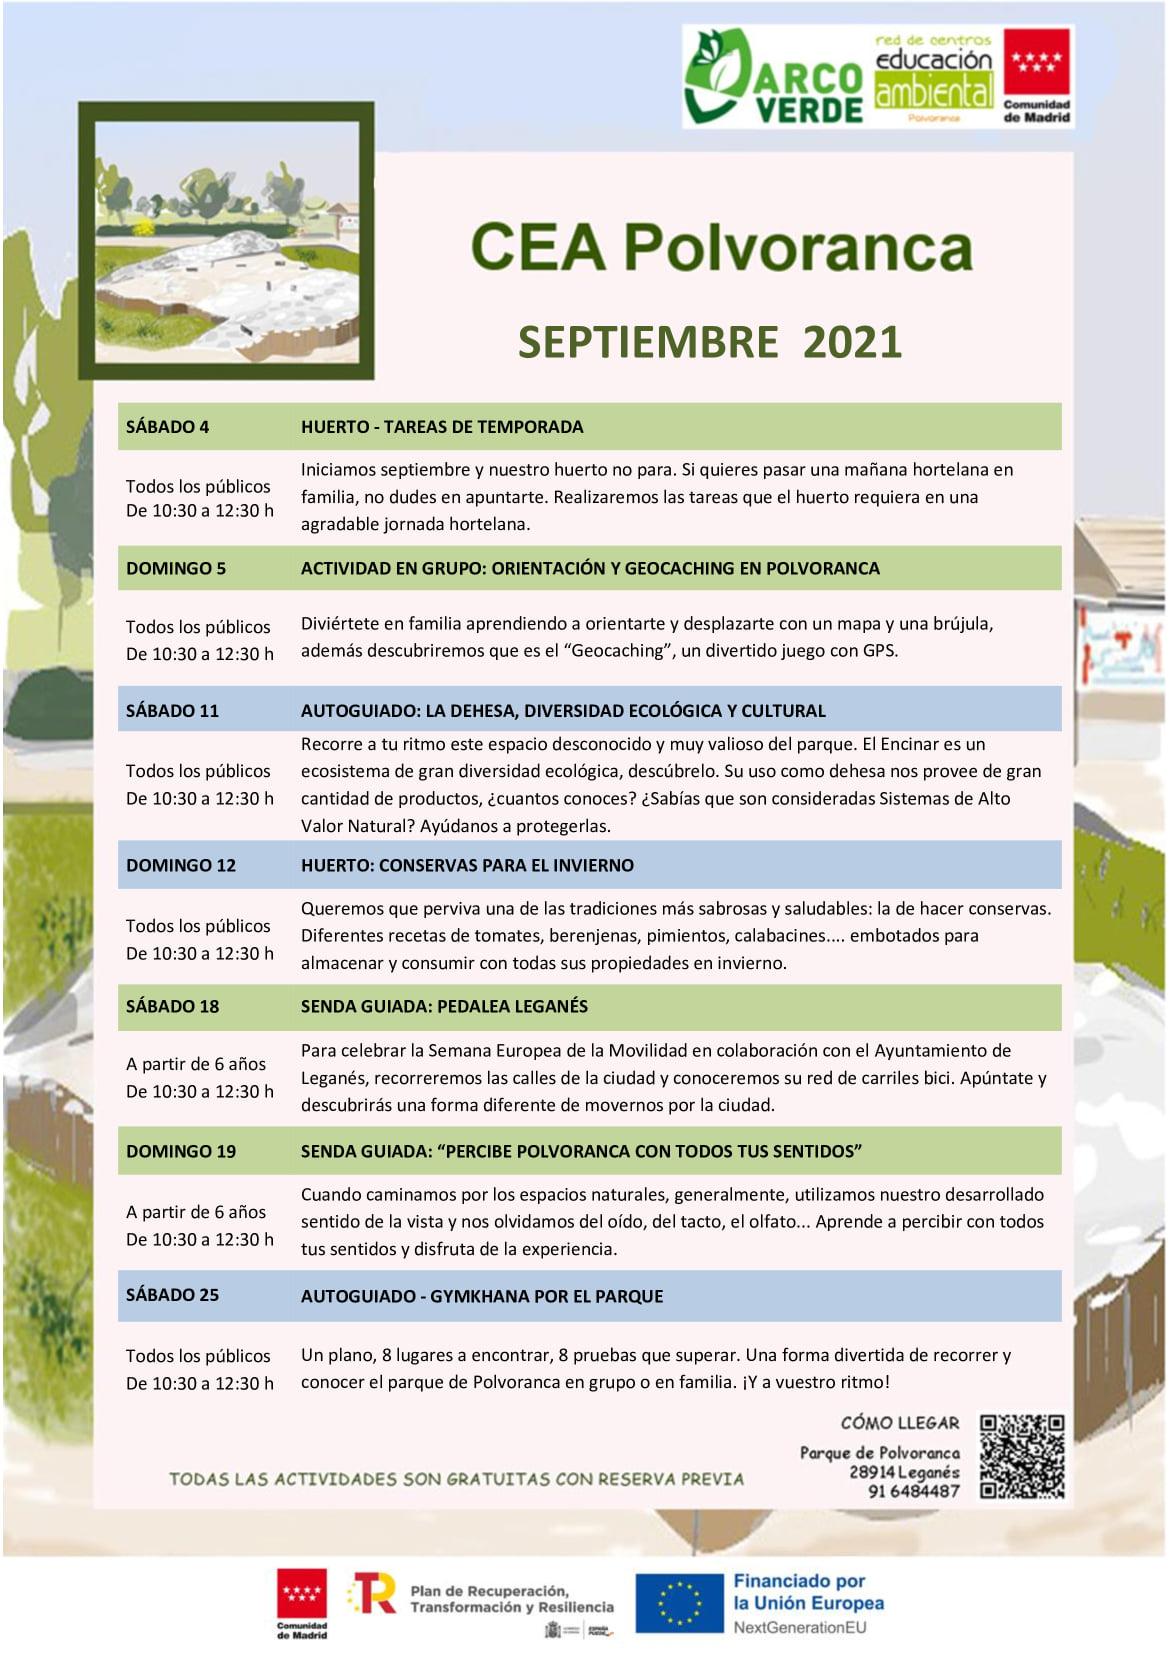 Programación en septiembre 2021 en el CEA Polvoranca y en Bosque Sur